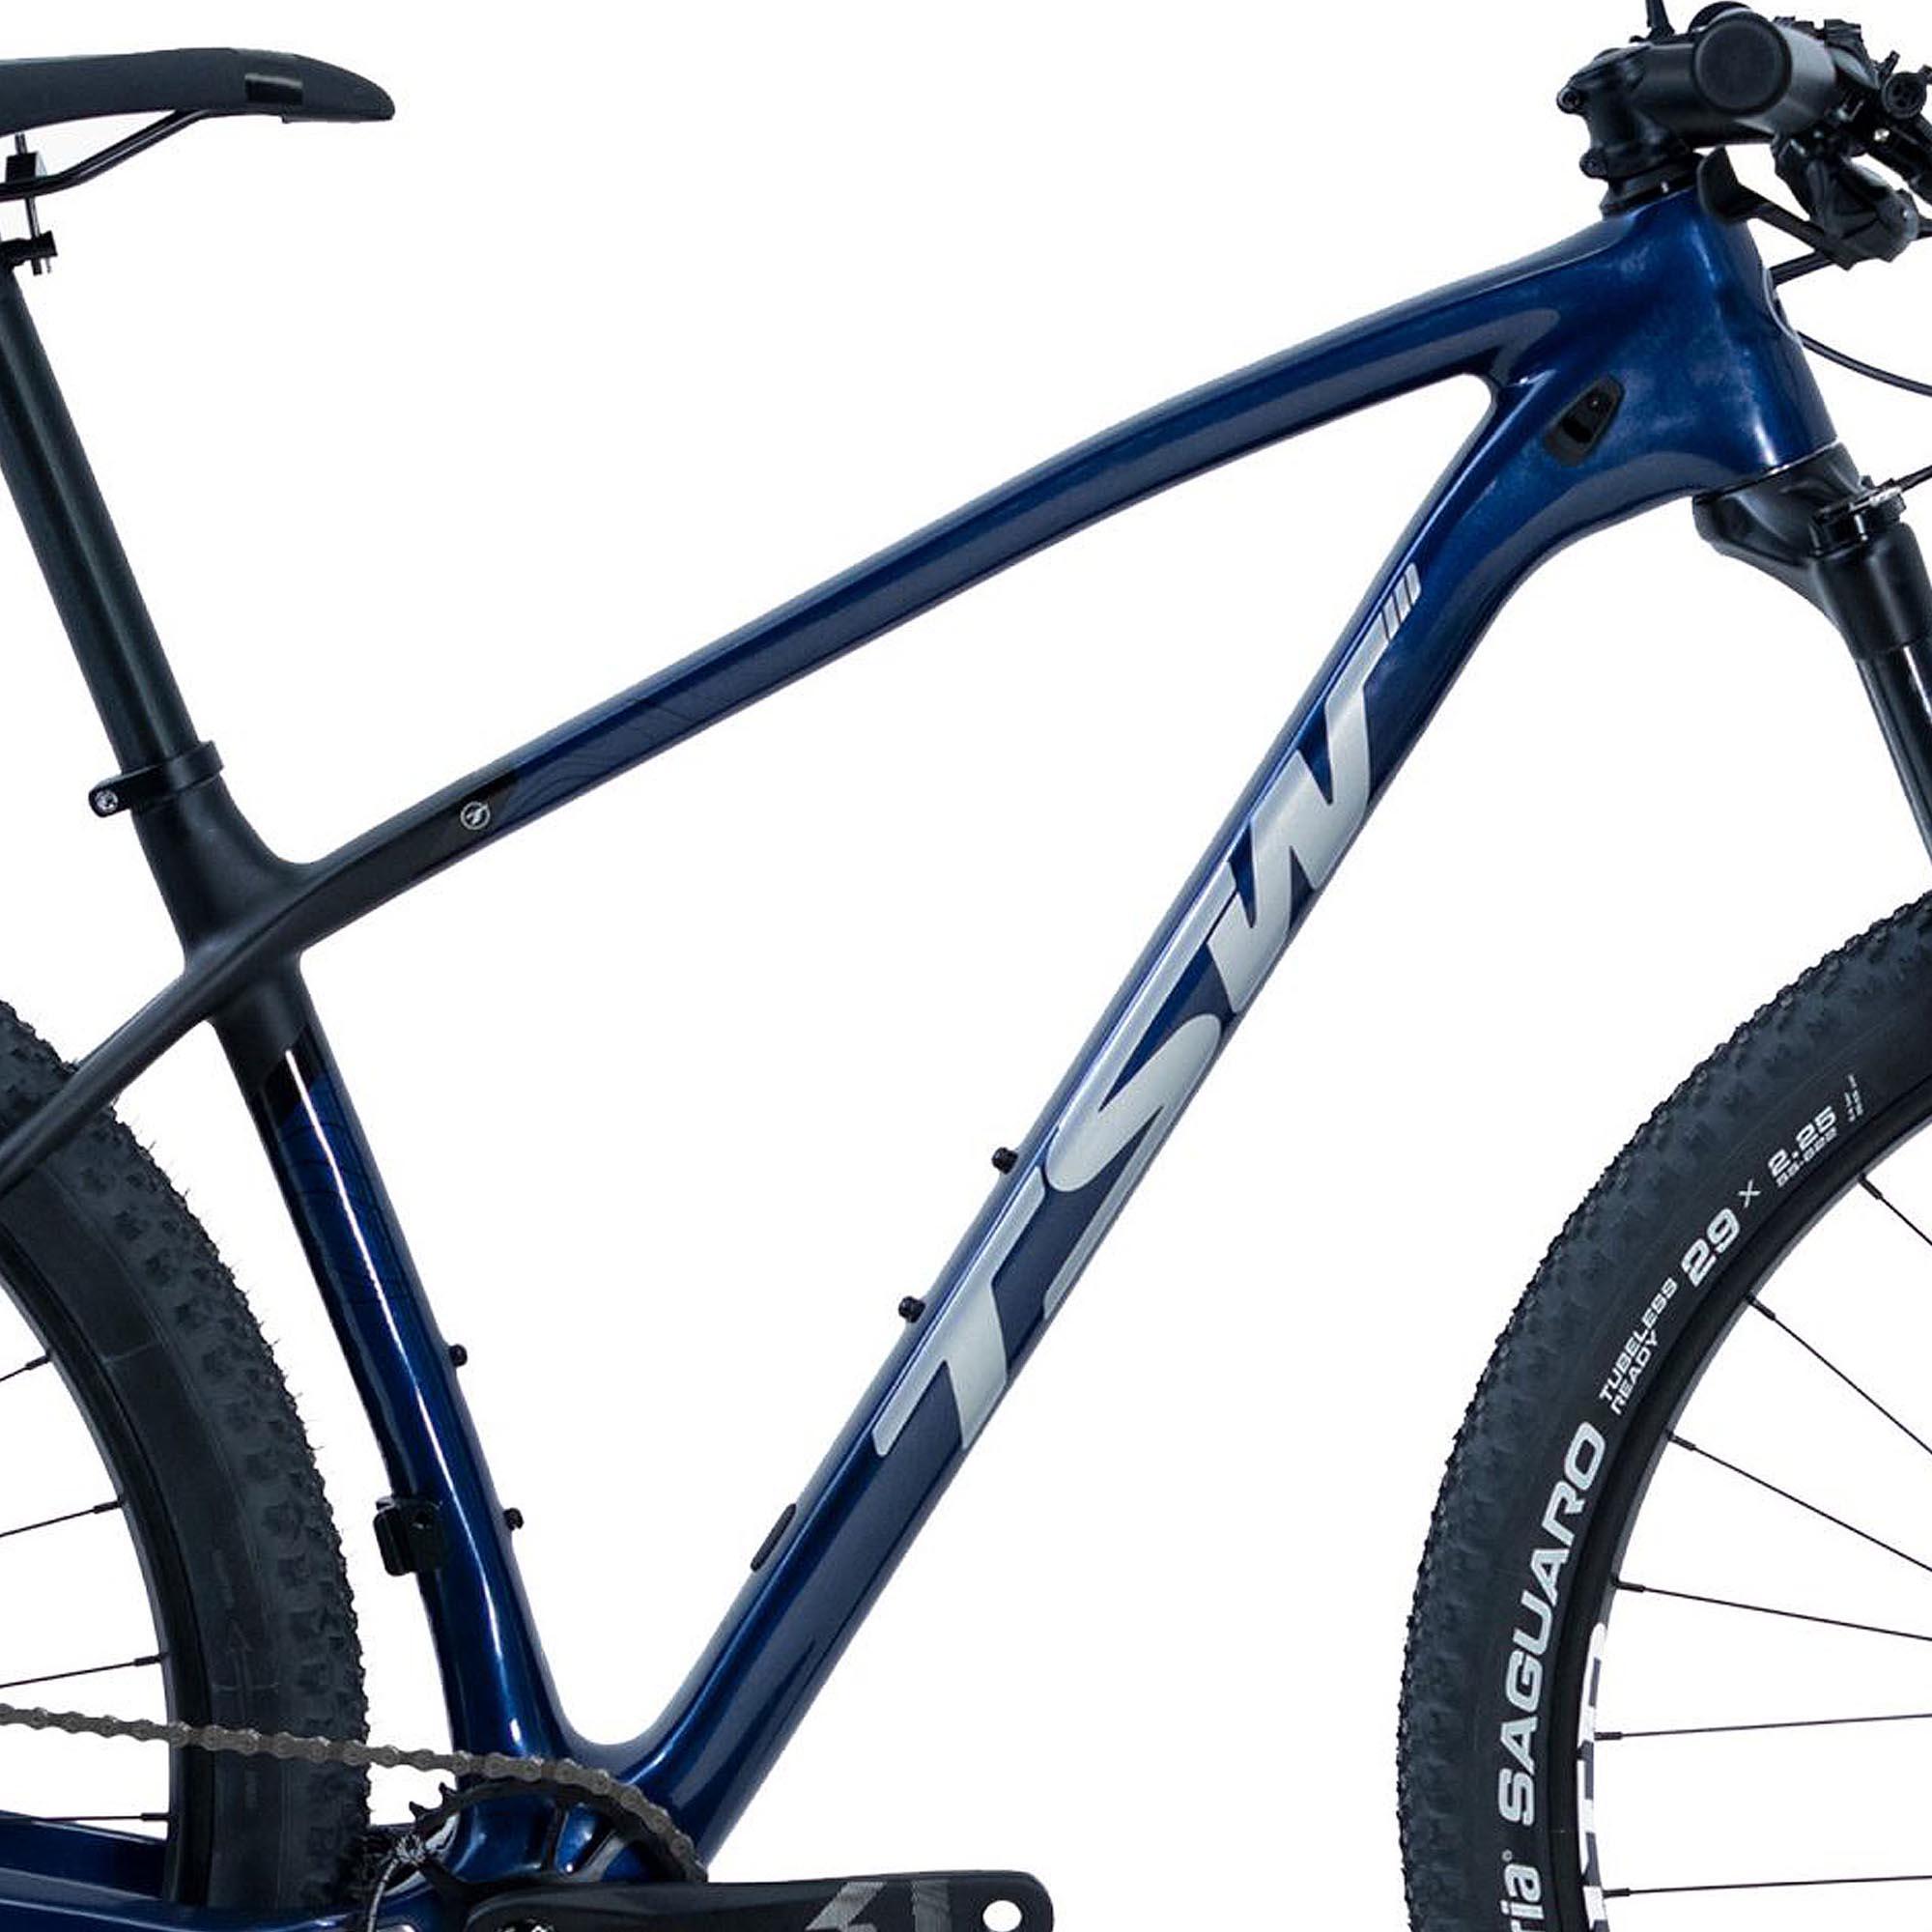 Bicicleta Aro 29 TSW Evo Quest SX Sram, Quadro de Carbono, Suspensão Rock Shox Judy TK, Freio Shimano